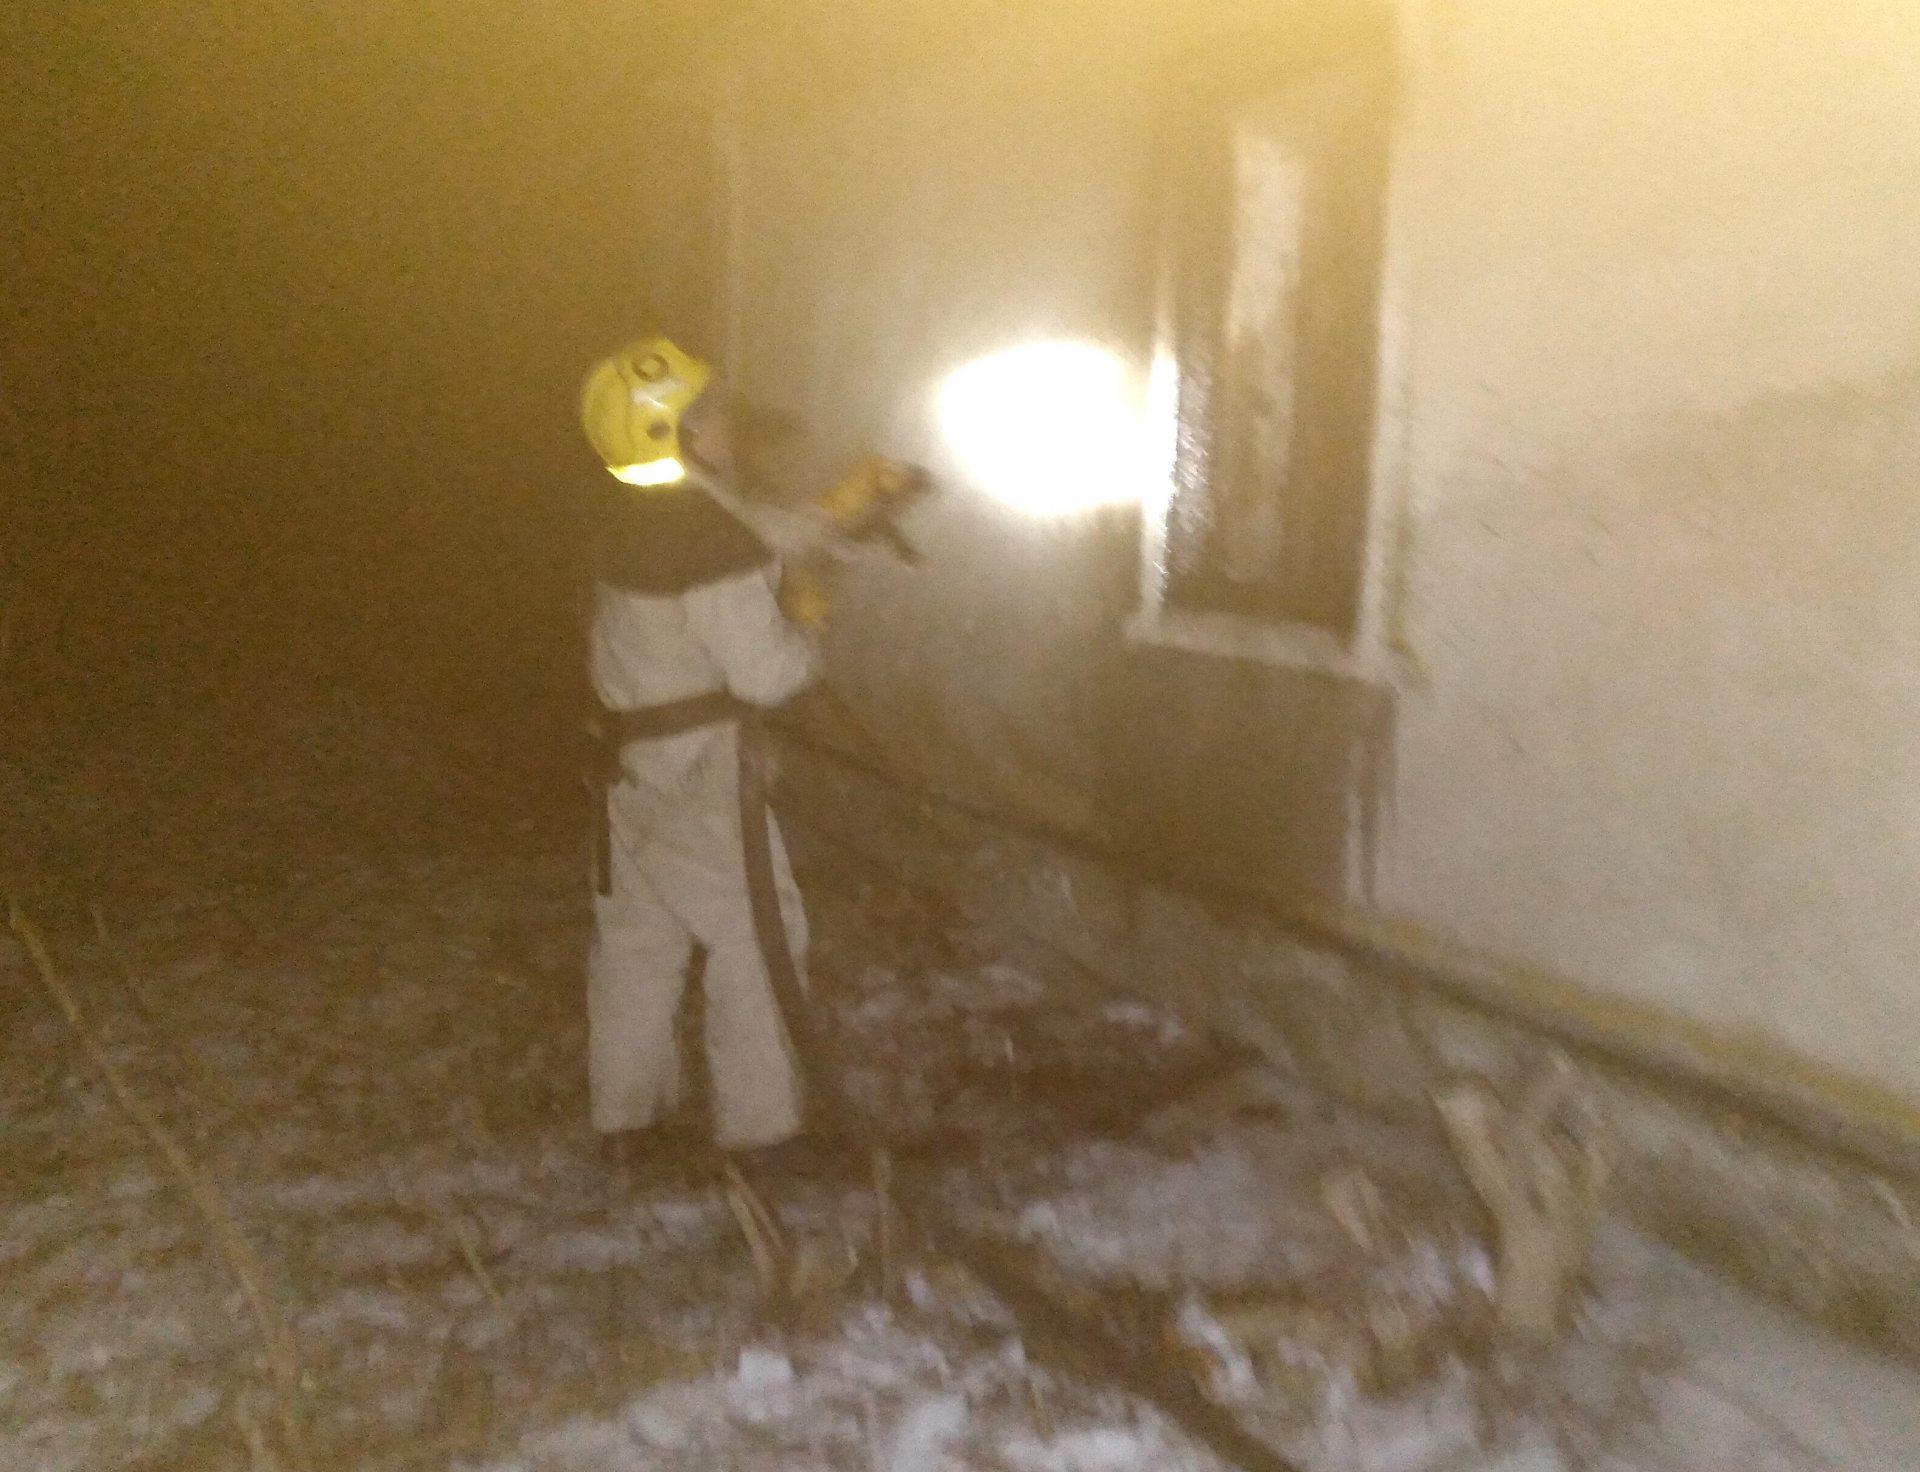 На Херсонщине из-за неисправной печки загорелся жилой дом